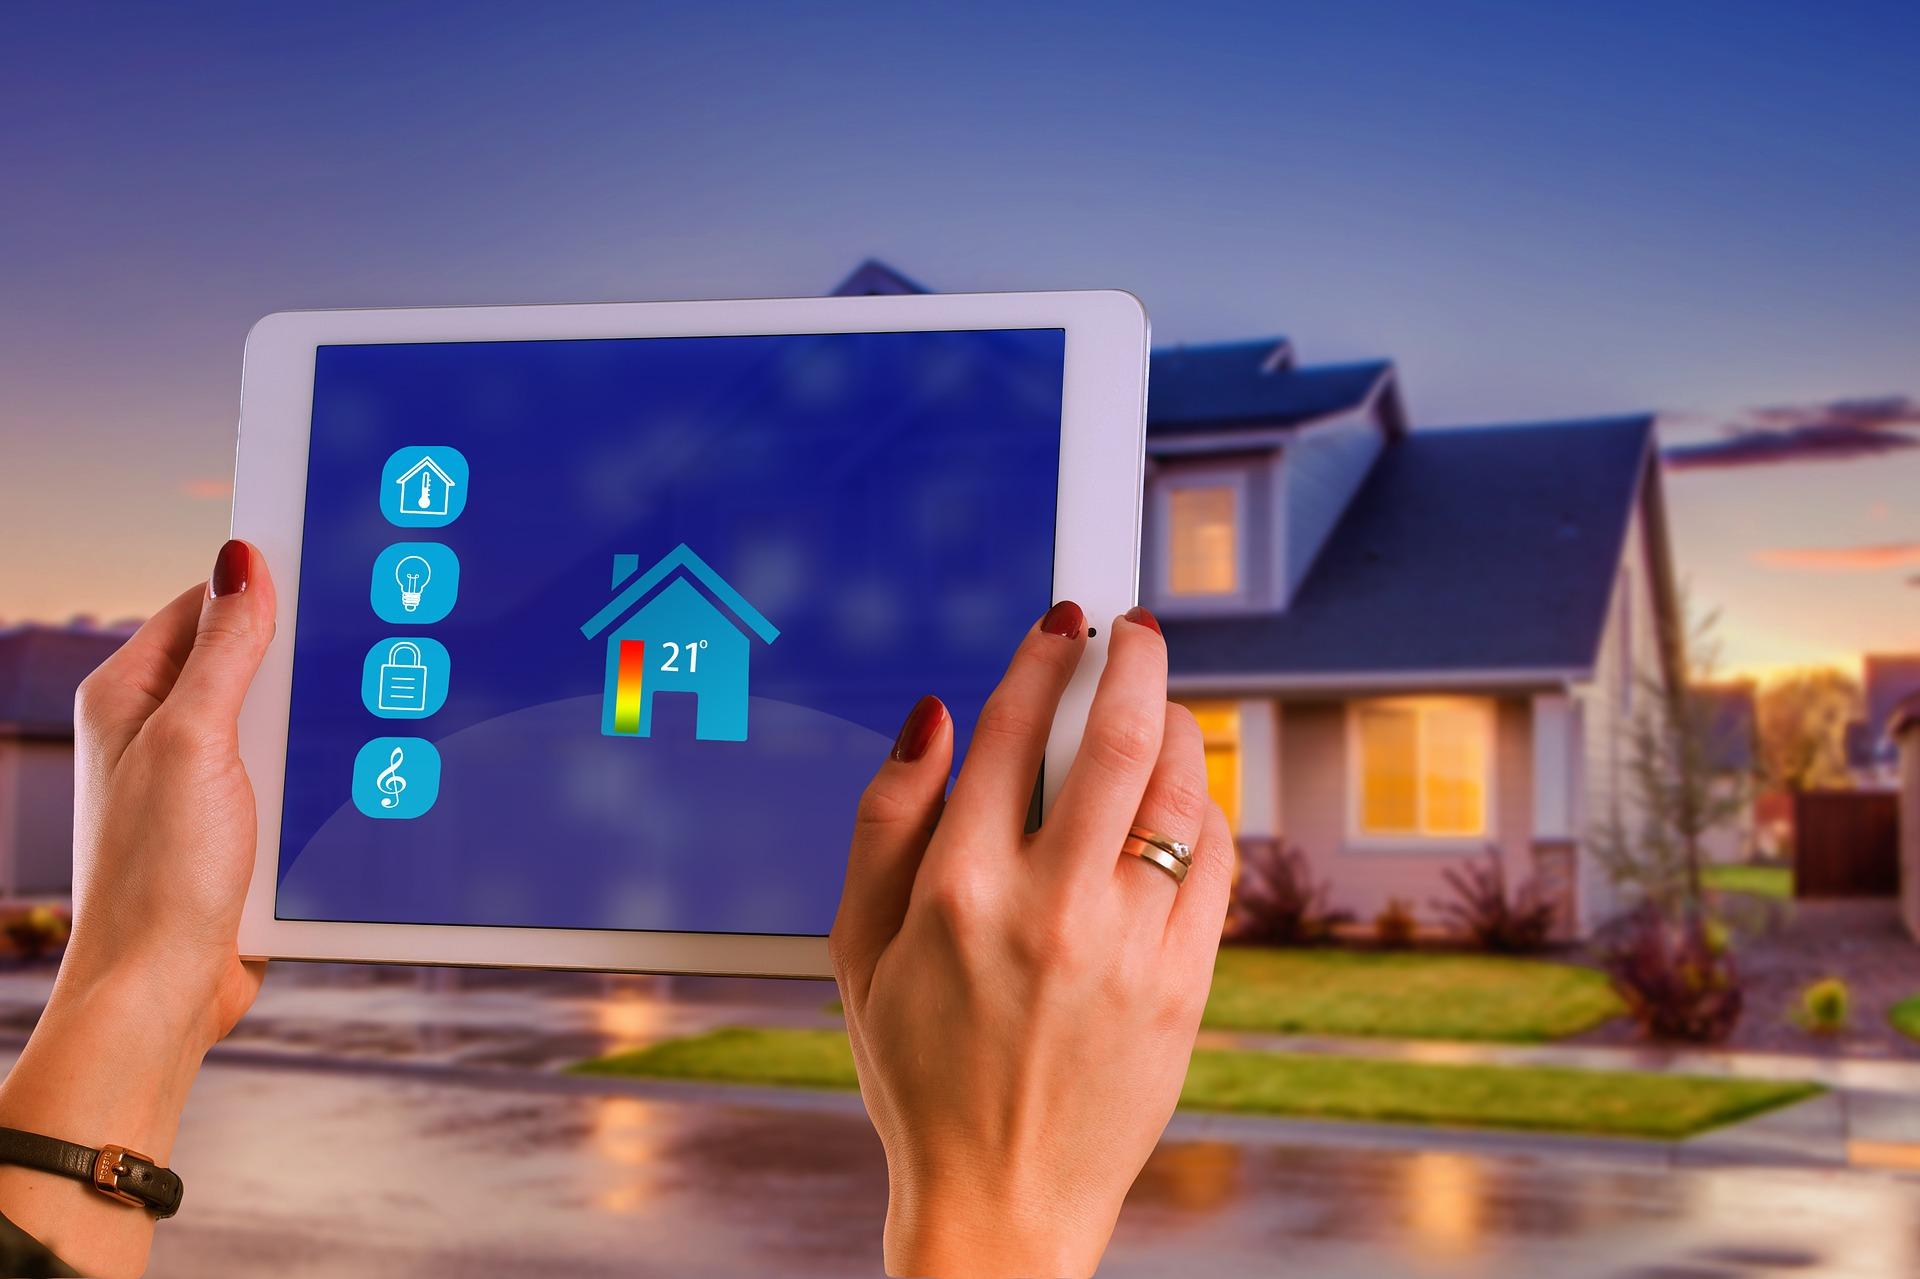 Bydlete opravdu chytře díky inteligentnímu domu